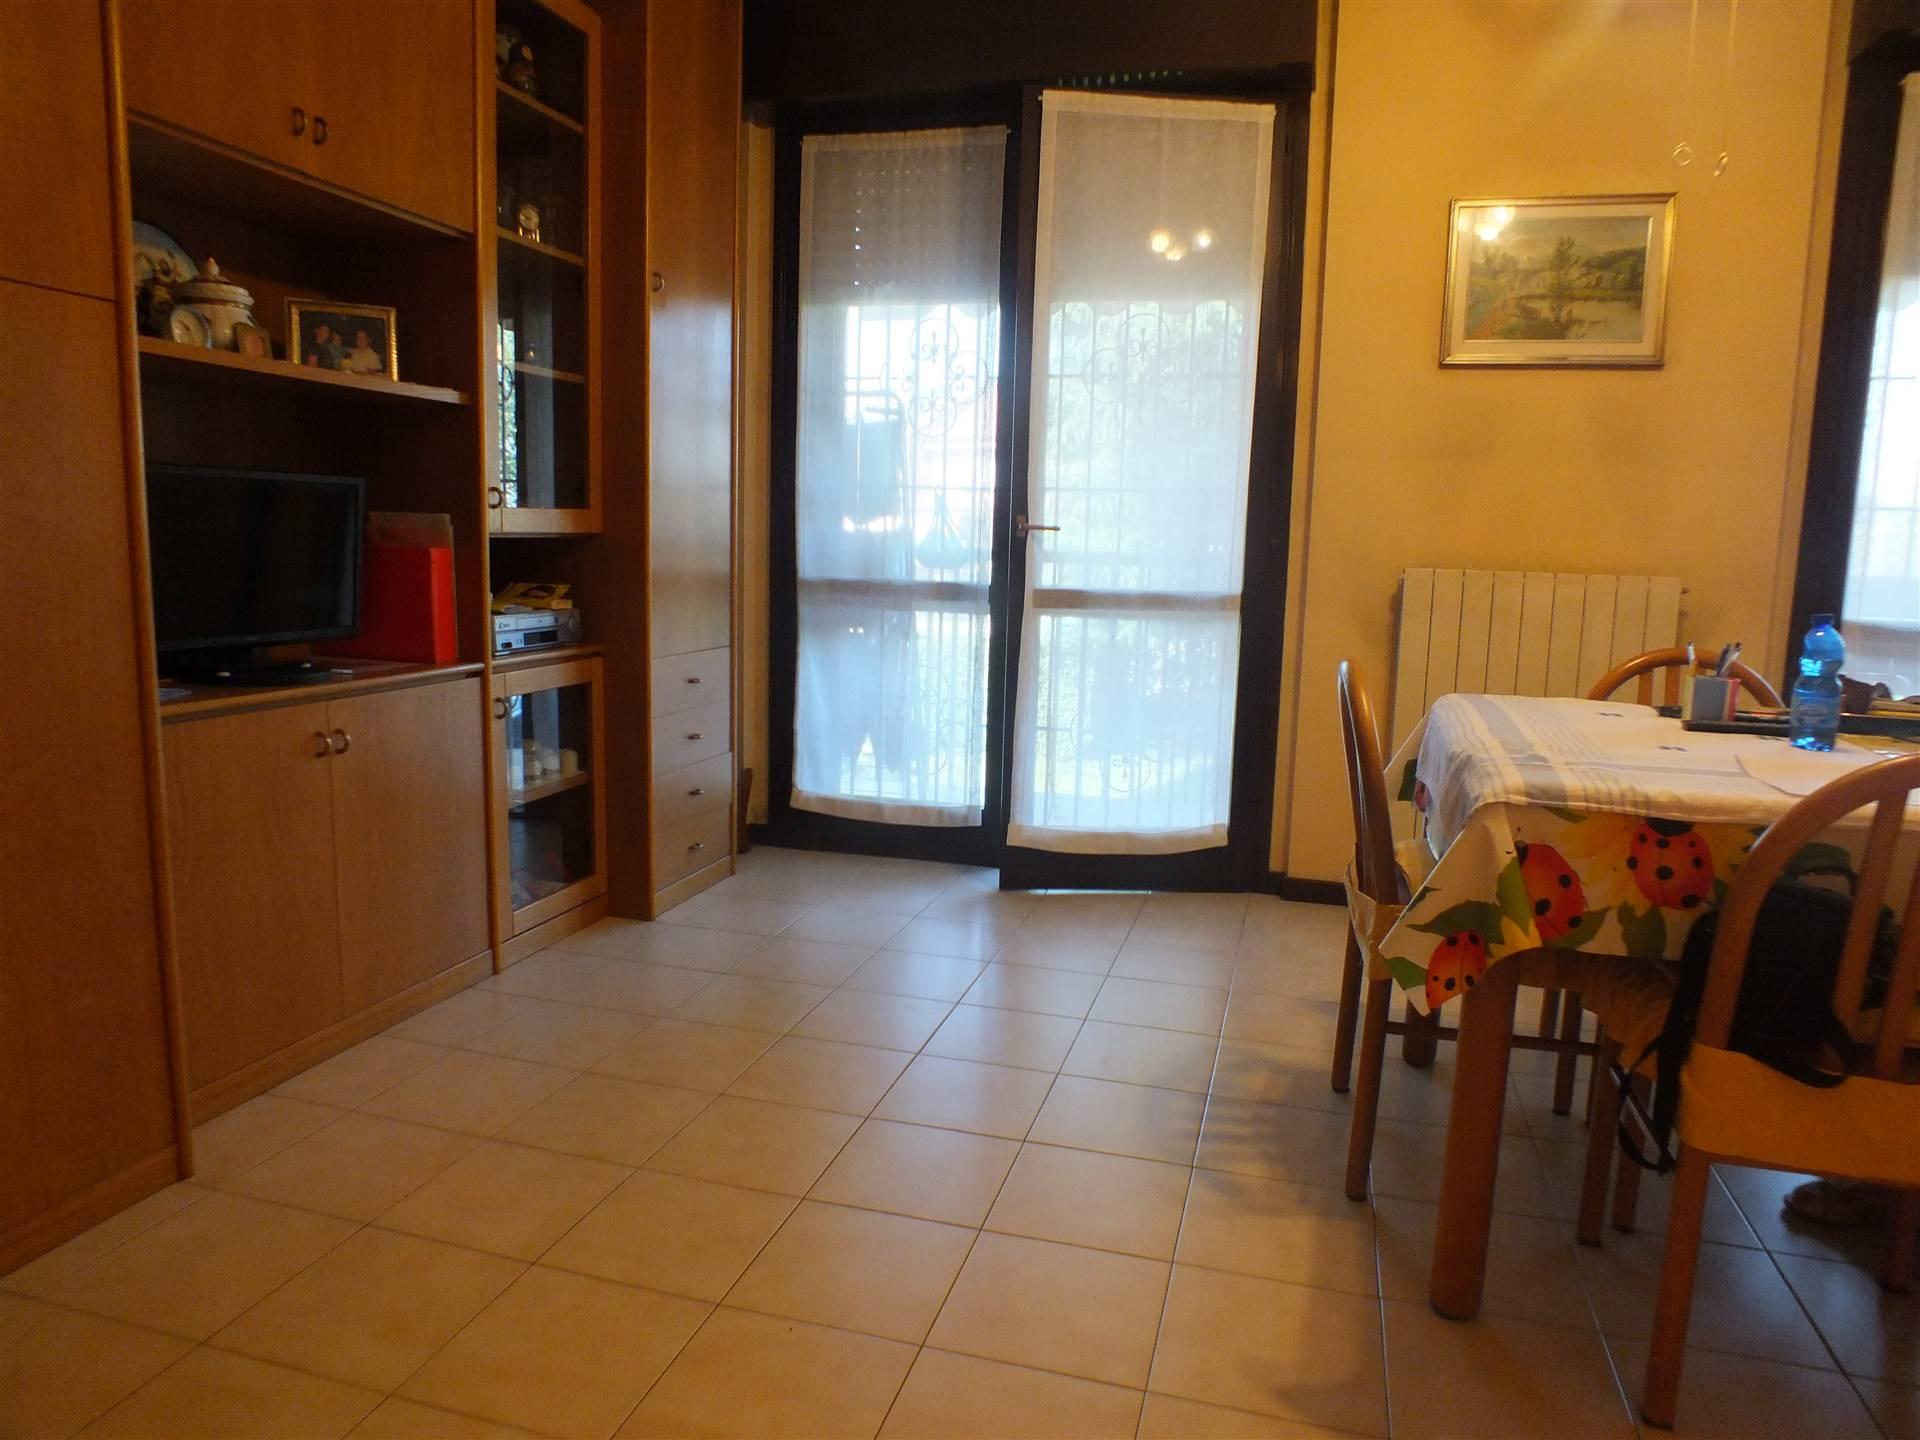 Appartamento in vendita a Melzo, 2 locali, zona Località: STELLE, prezzo € 81.000   PortaleAgenzieImmobiliari.it